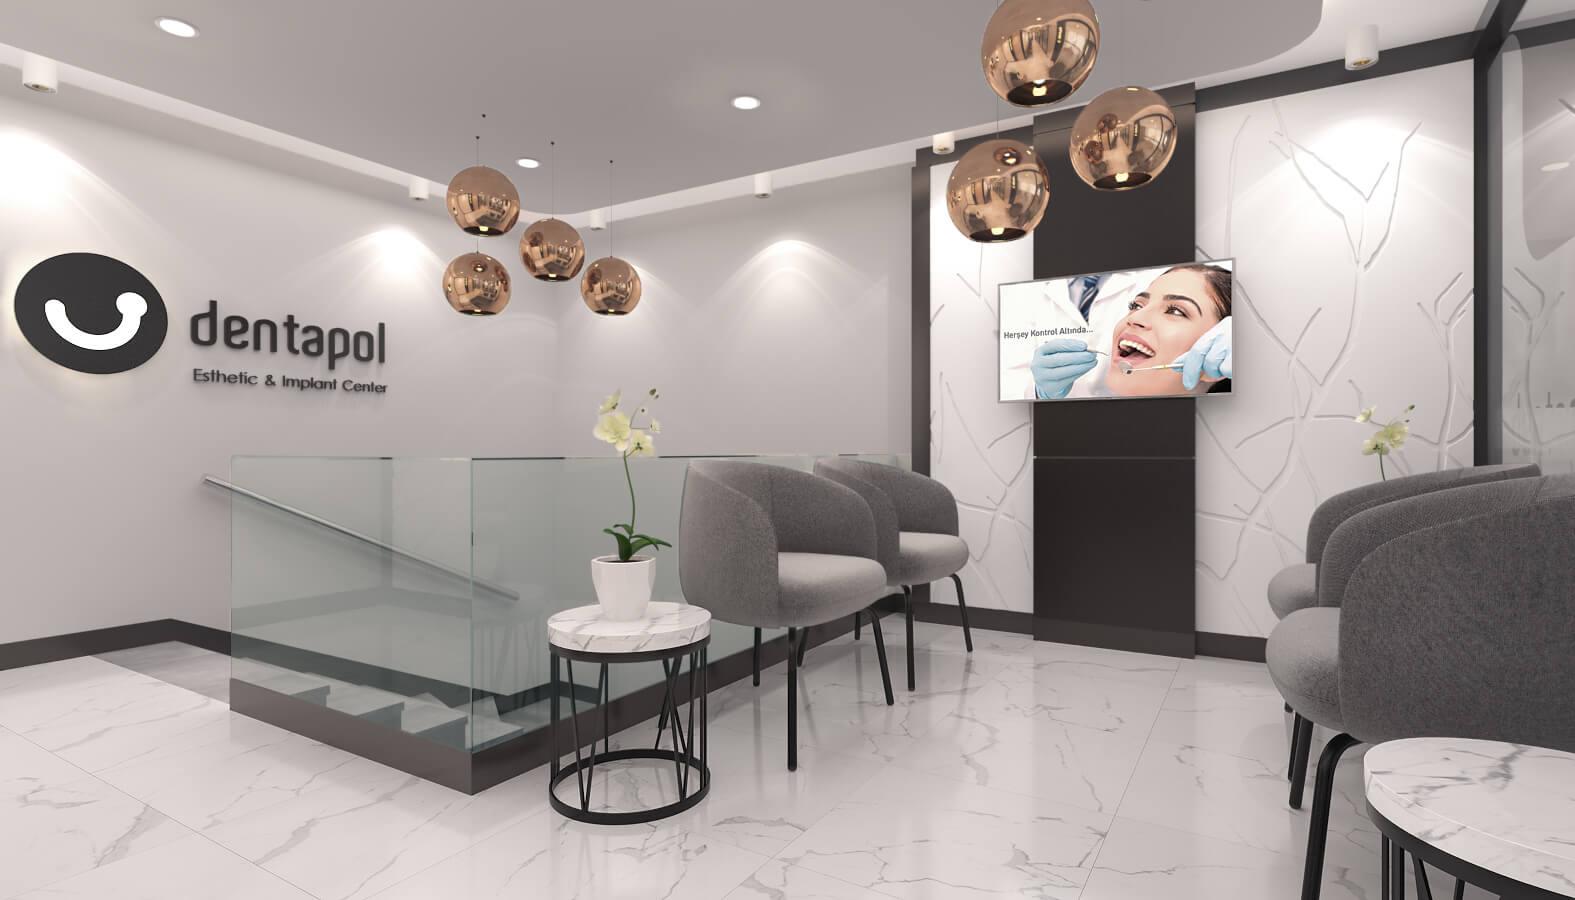 clinic 4578 Dentapol Dental Polyclinic Healthcare